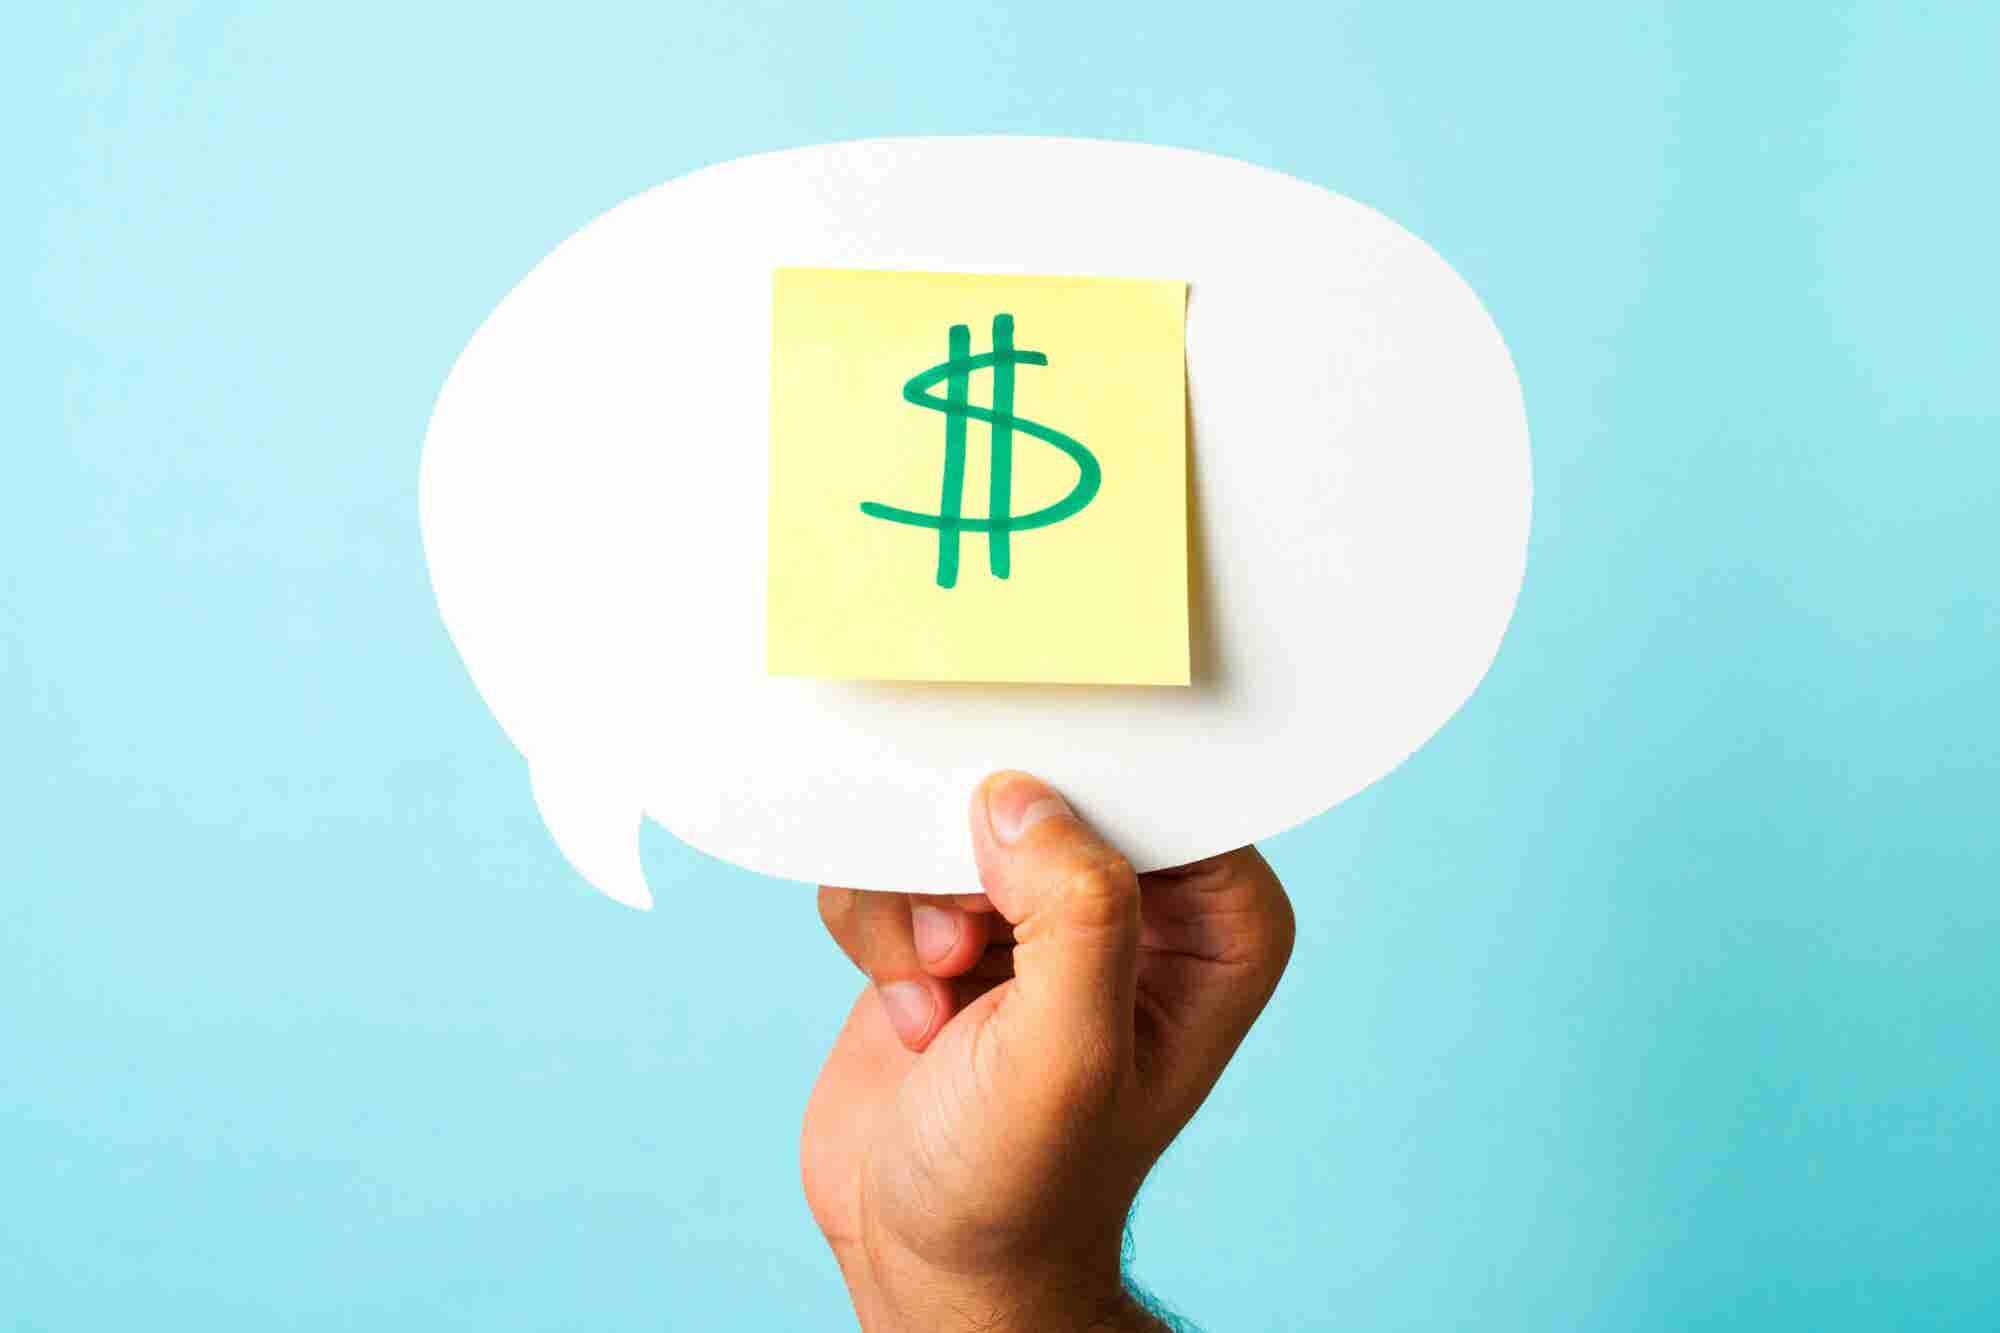 Te decimos cómo gastar lo menos posible cuando arrancas un negocio